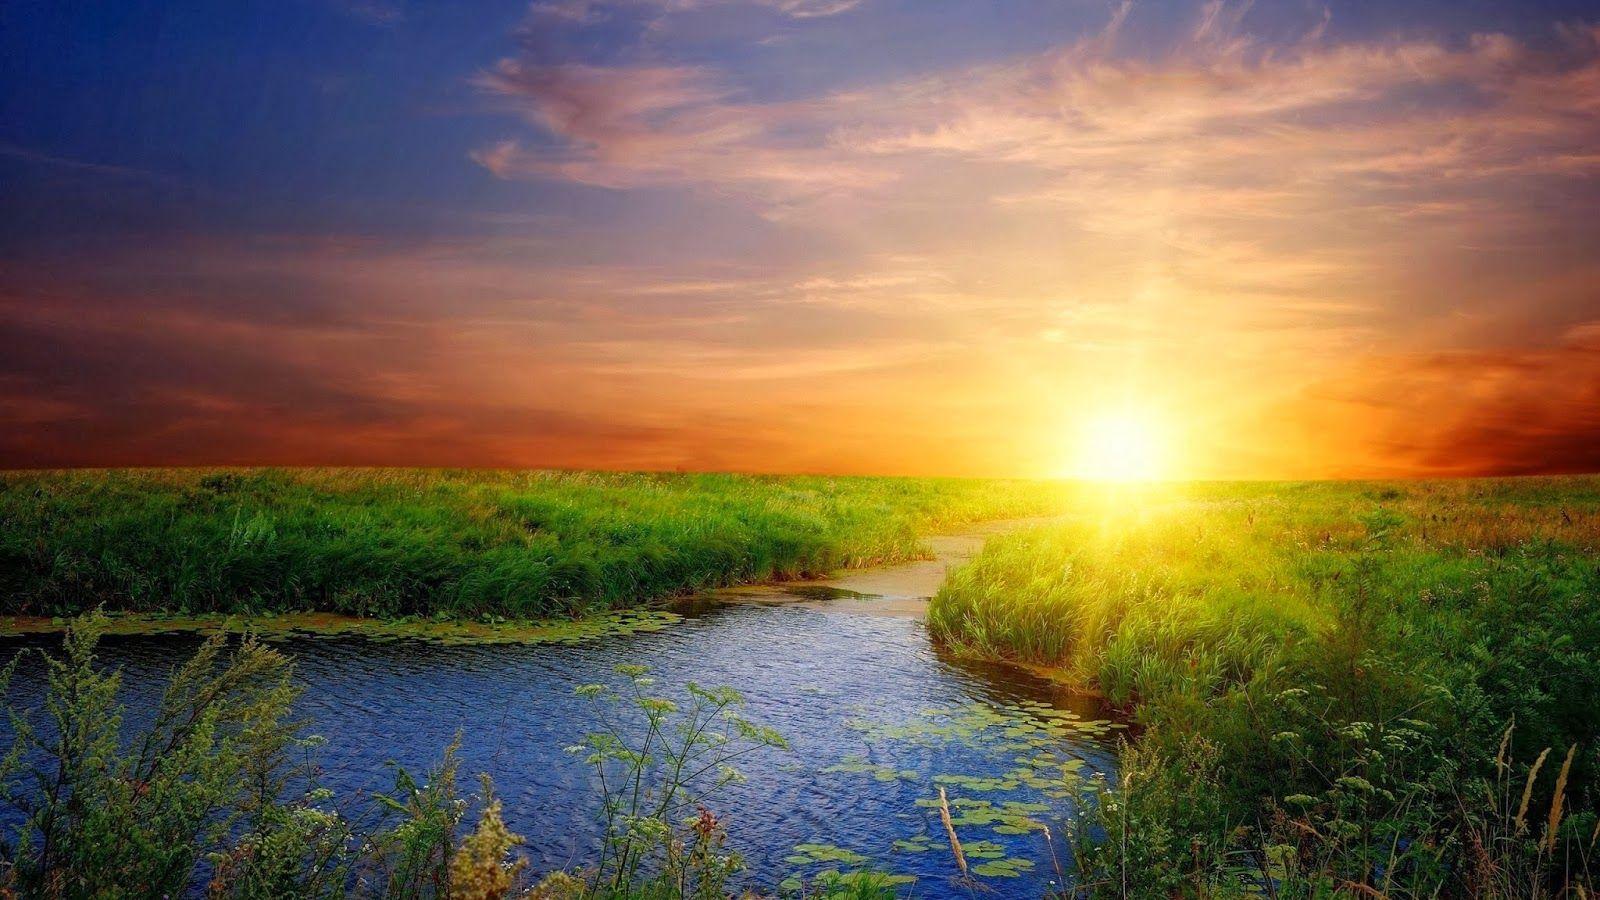 image of beautiful sunrise